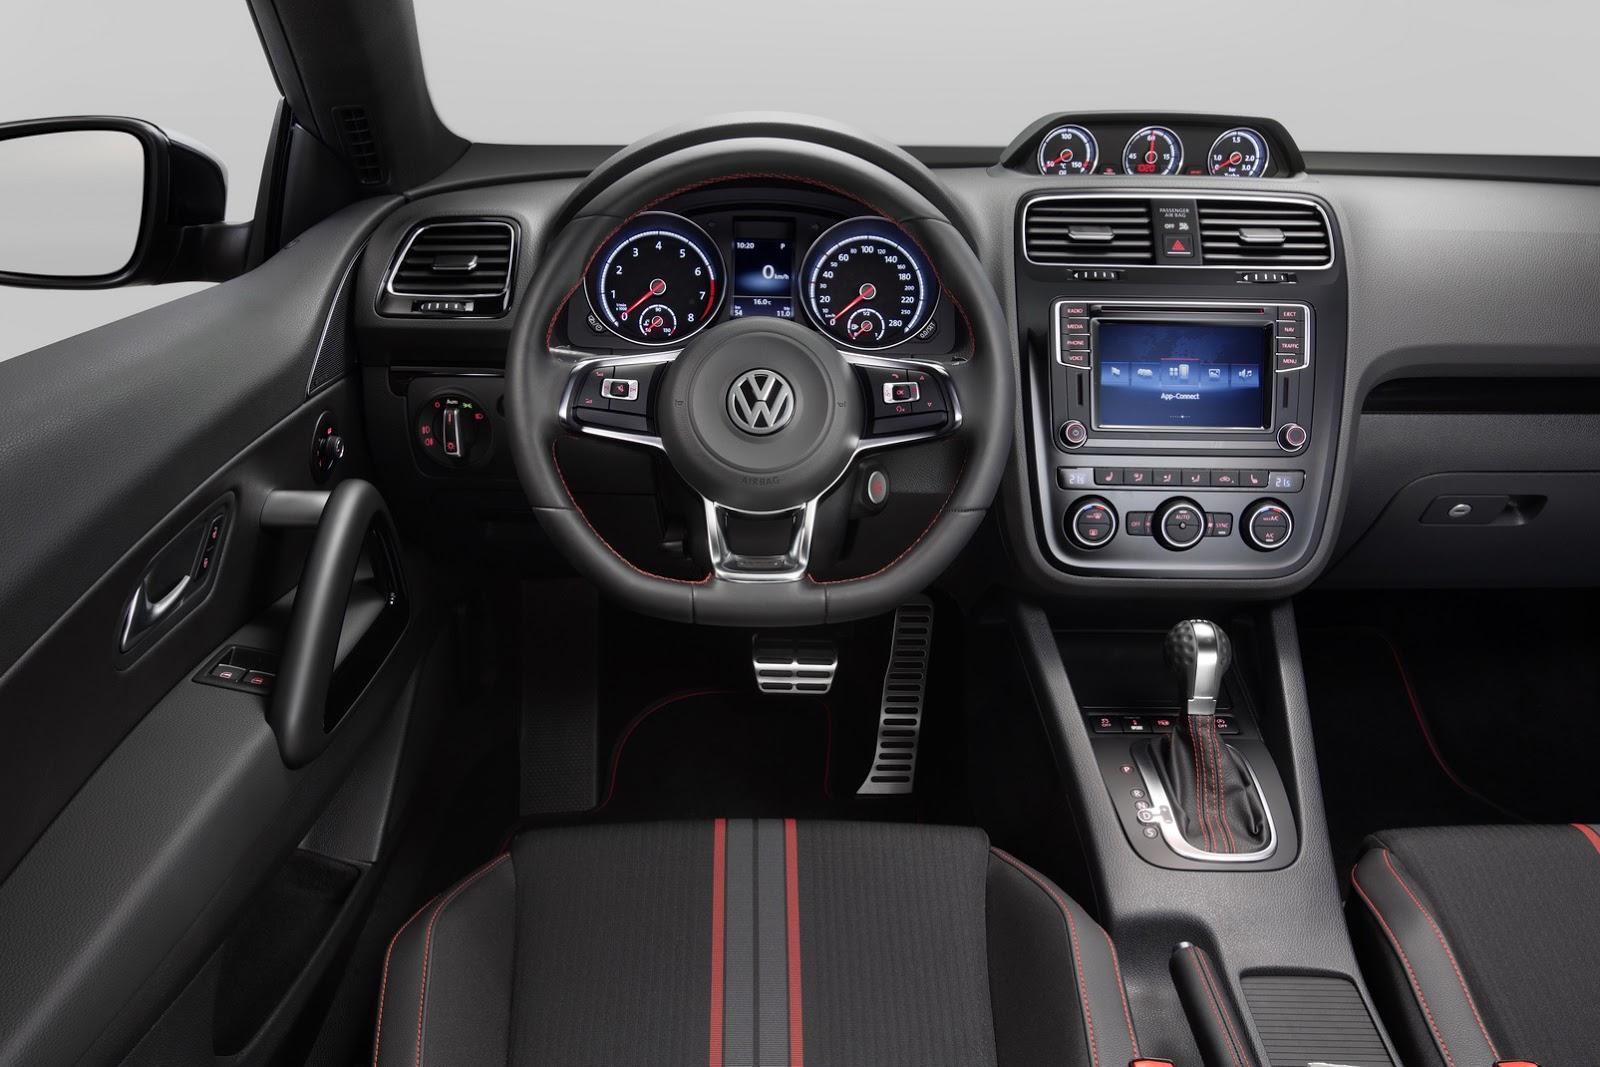 Volkswagen Scirocco GTS 2015: Hazlo más deportivo con este paquete deportivo 3